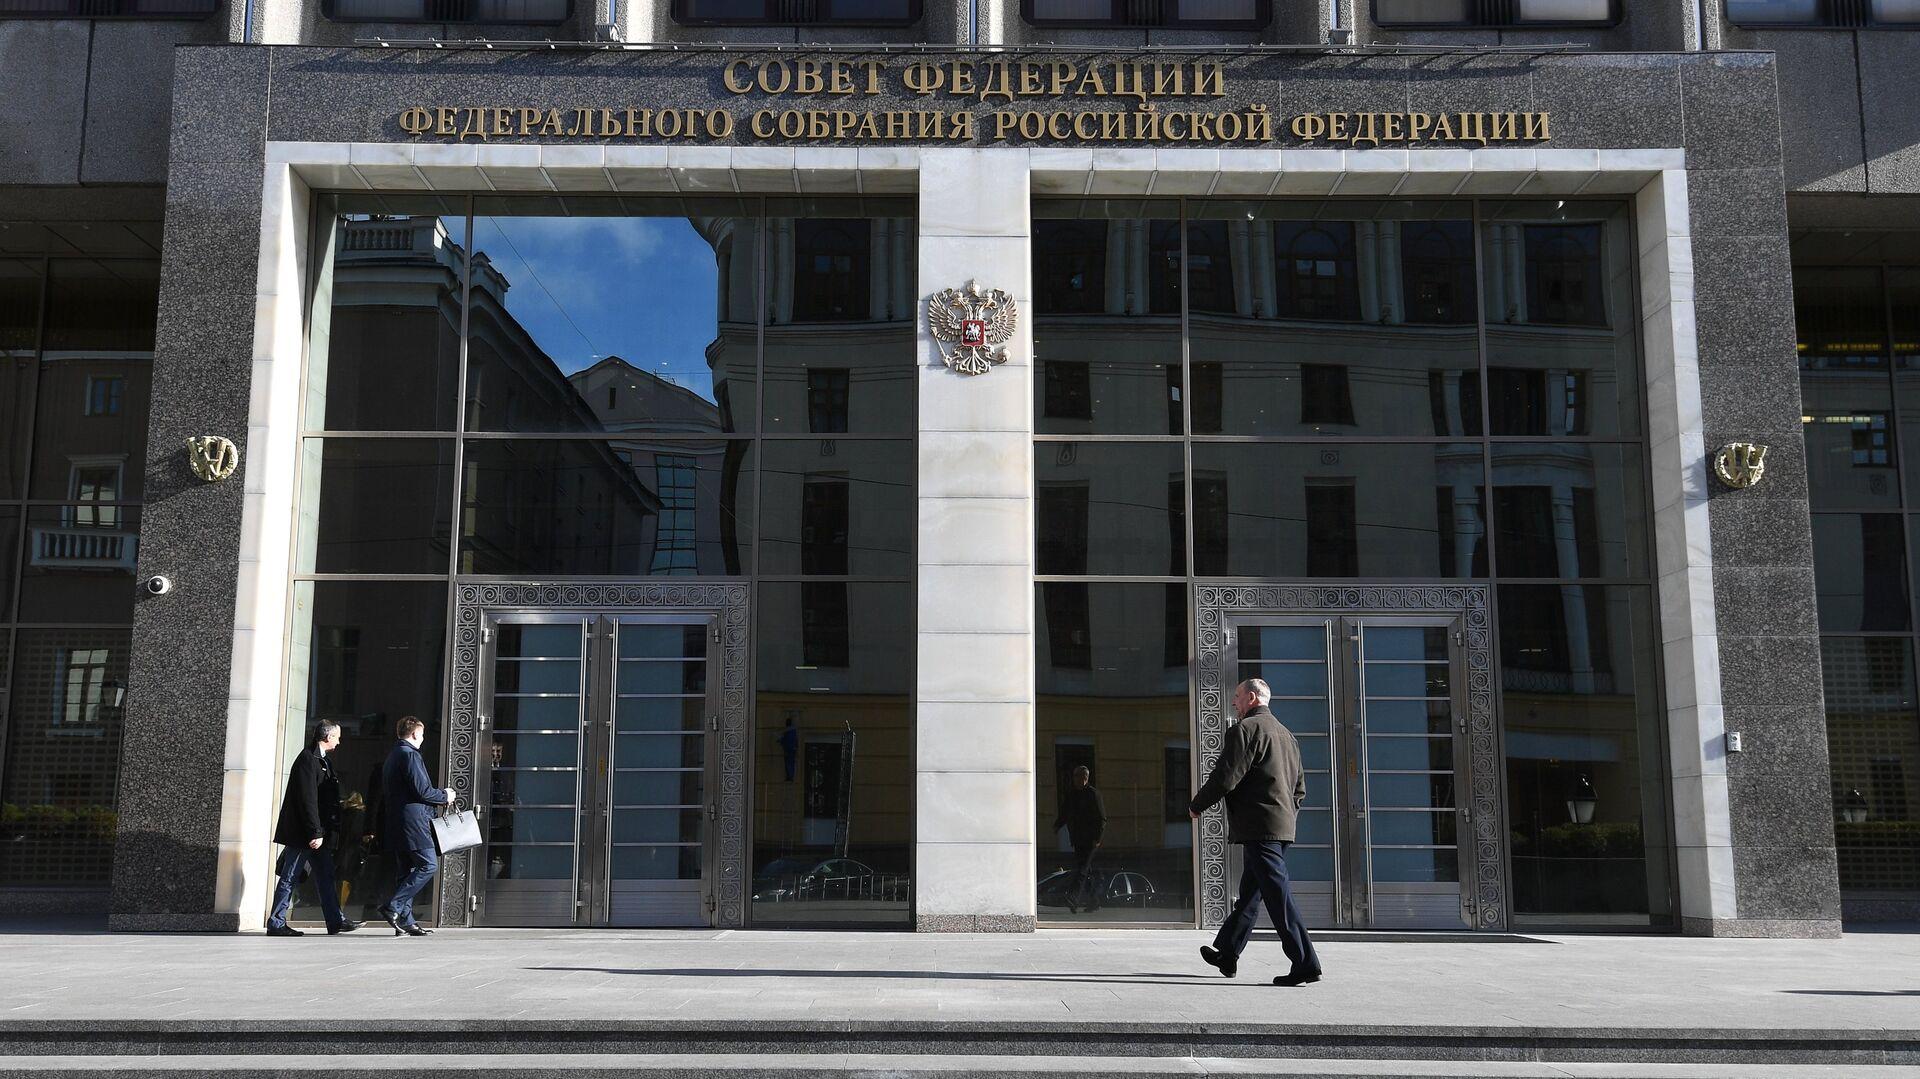 Посетители у здания Совета Федерации РФ - РИА Новости, 1920, 24.09.2020